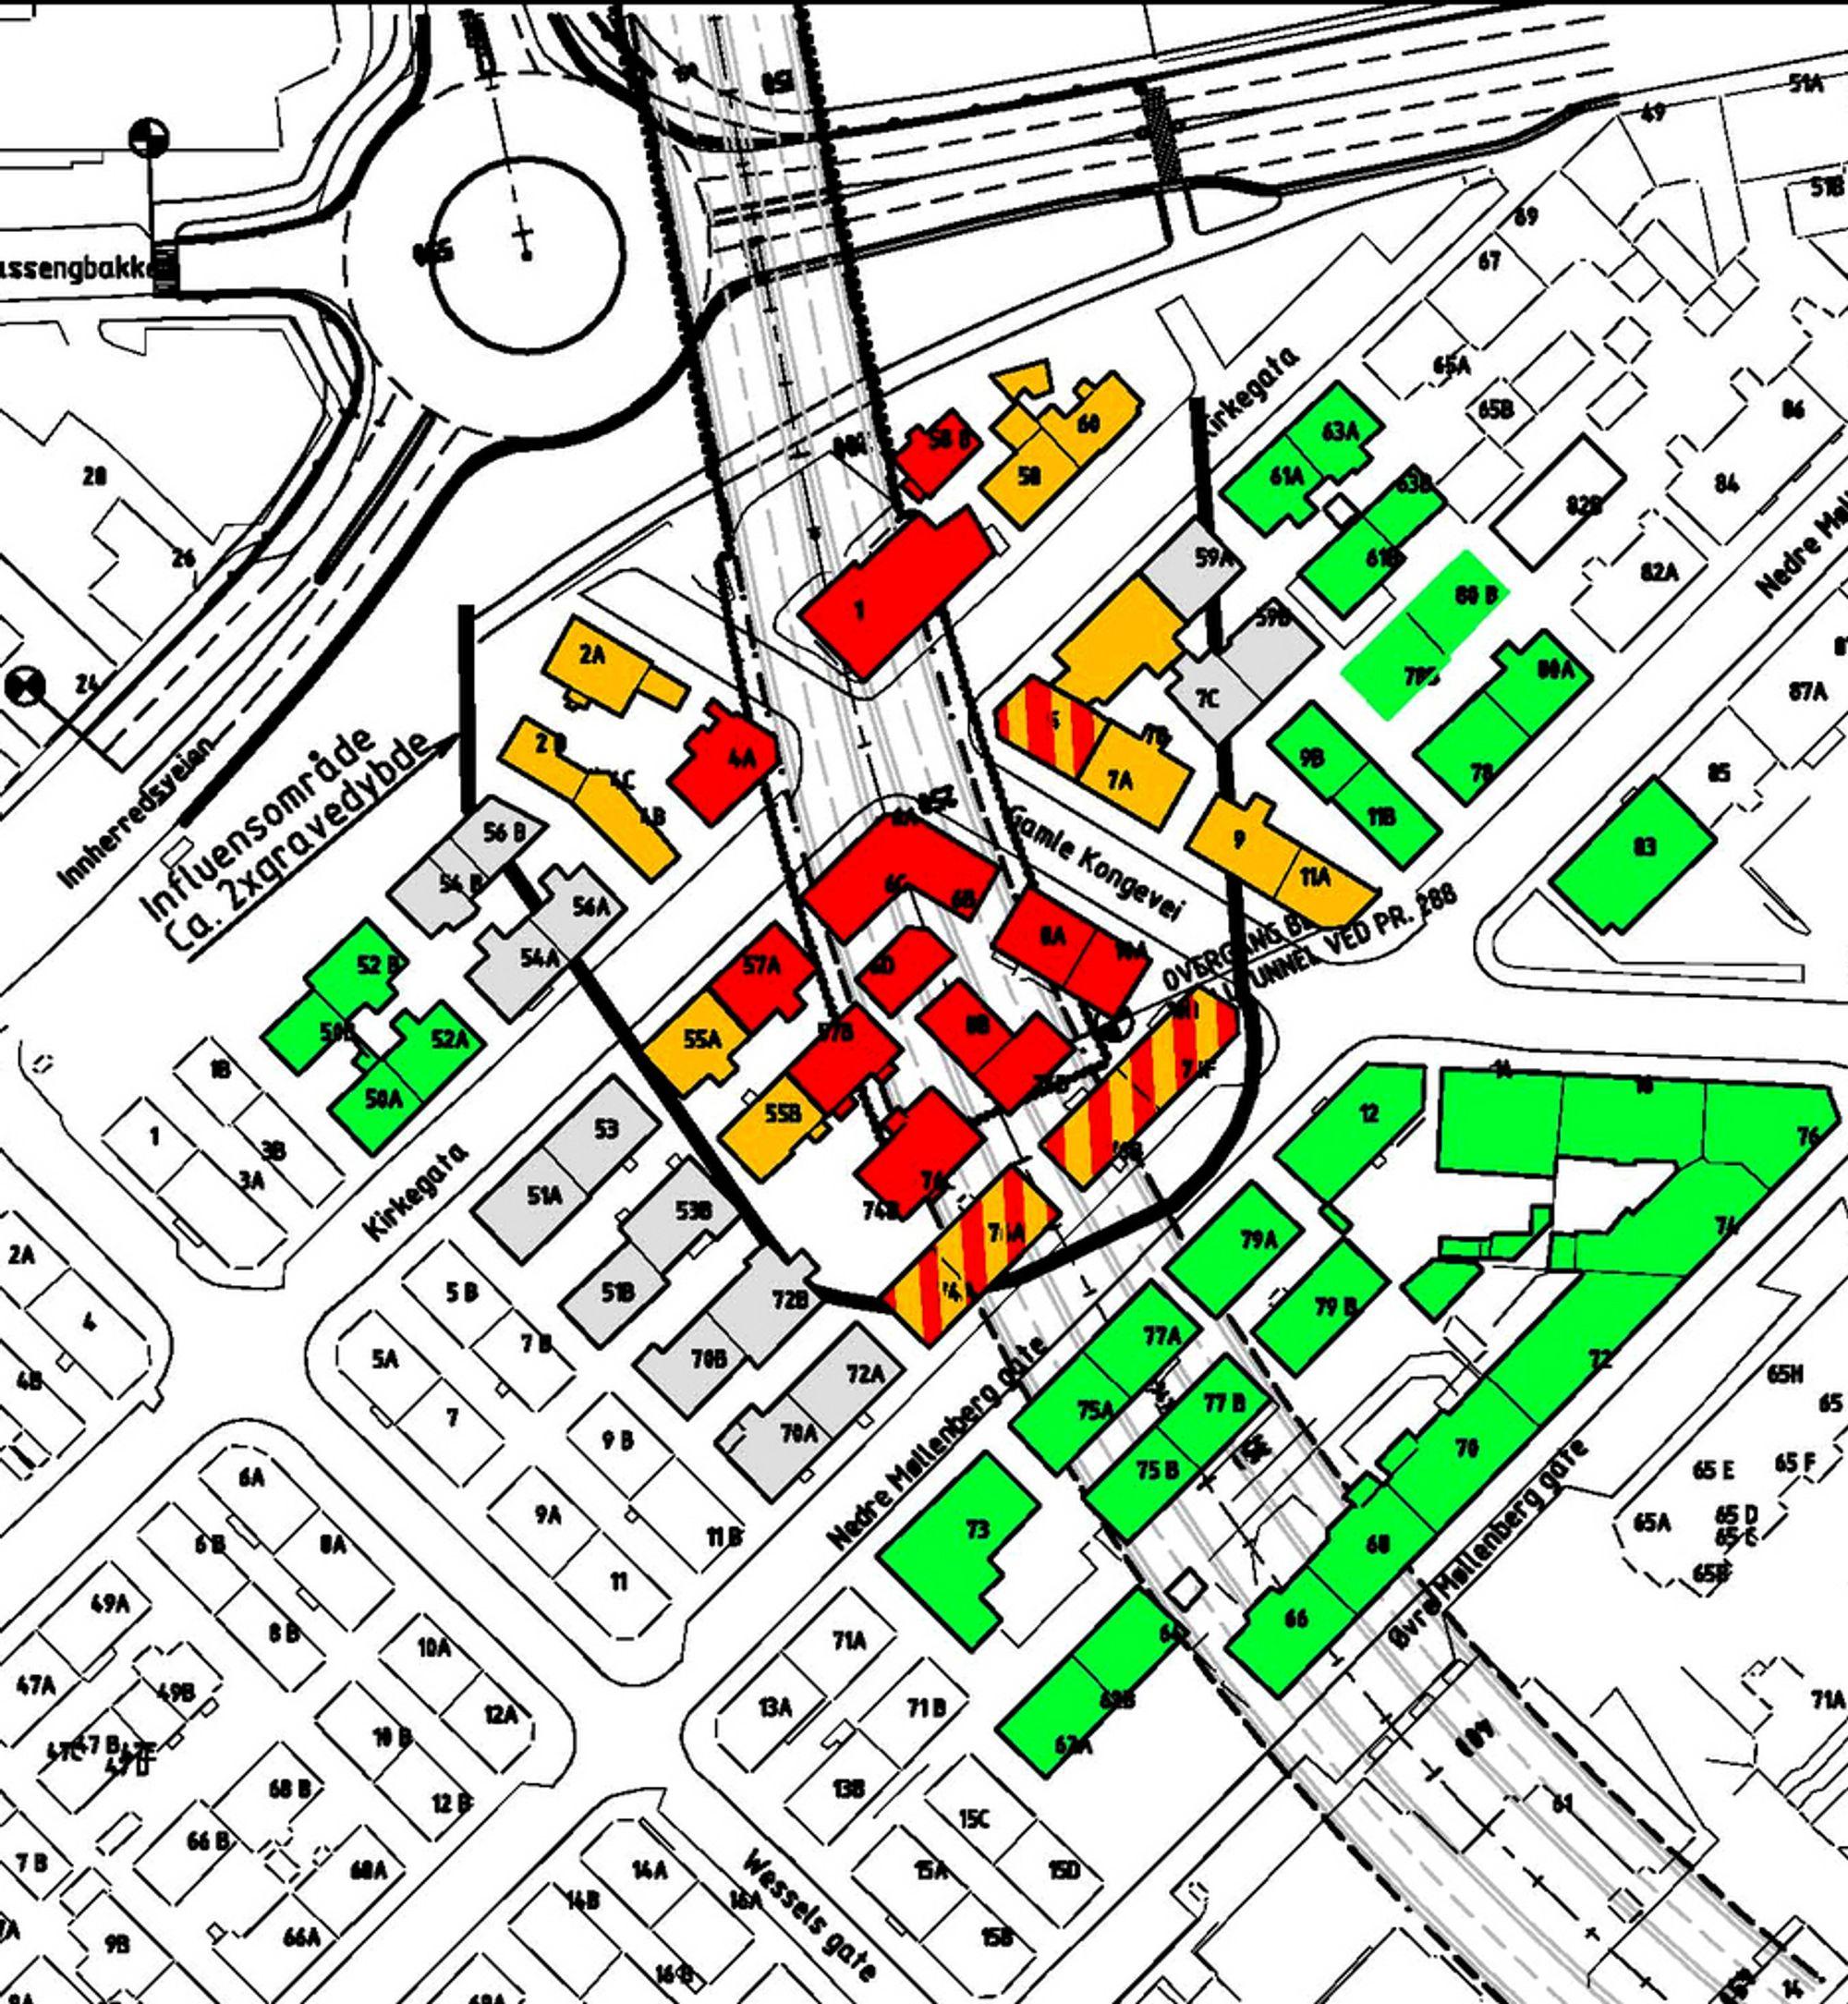 De røde feltene markerer hus det kan bli aktuelt å flytte eller rive.